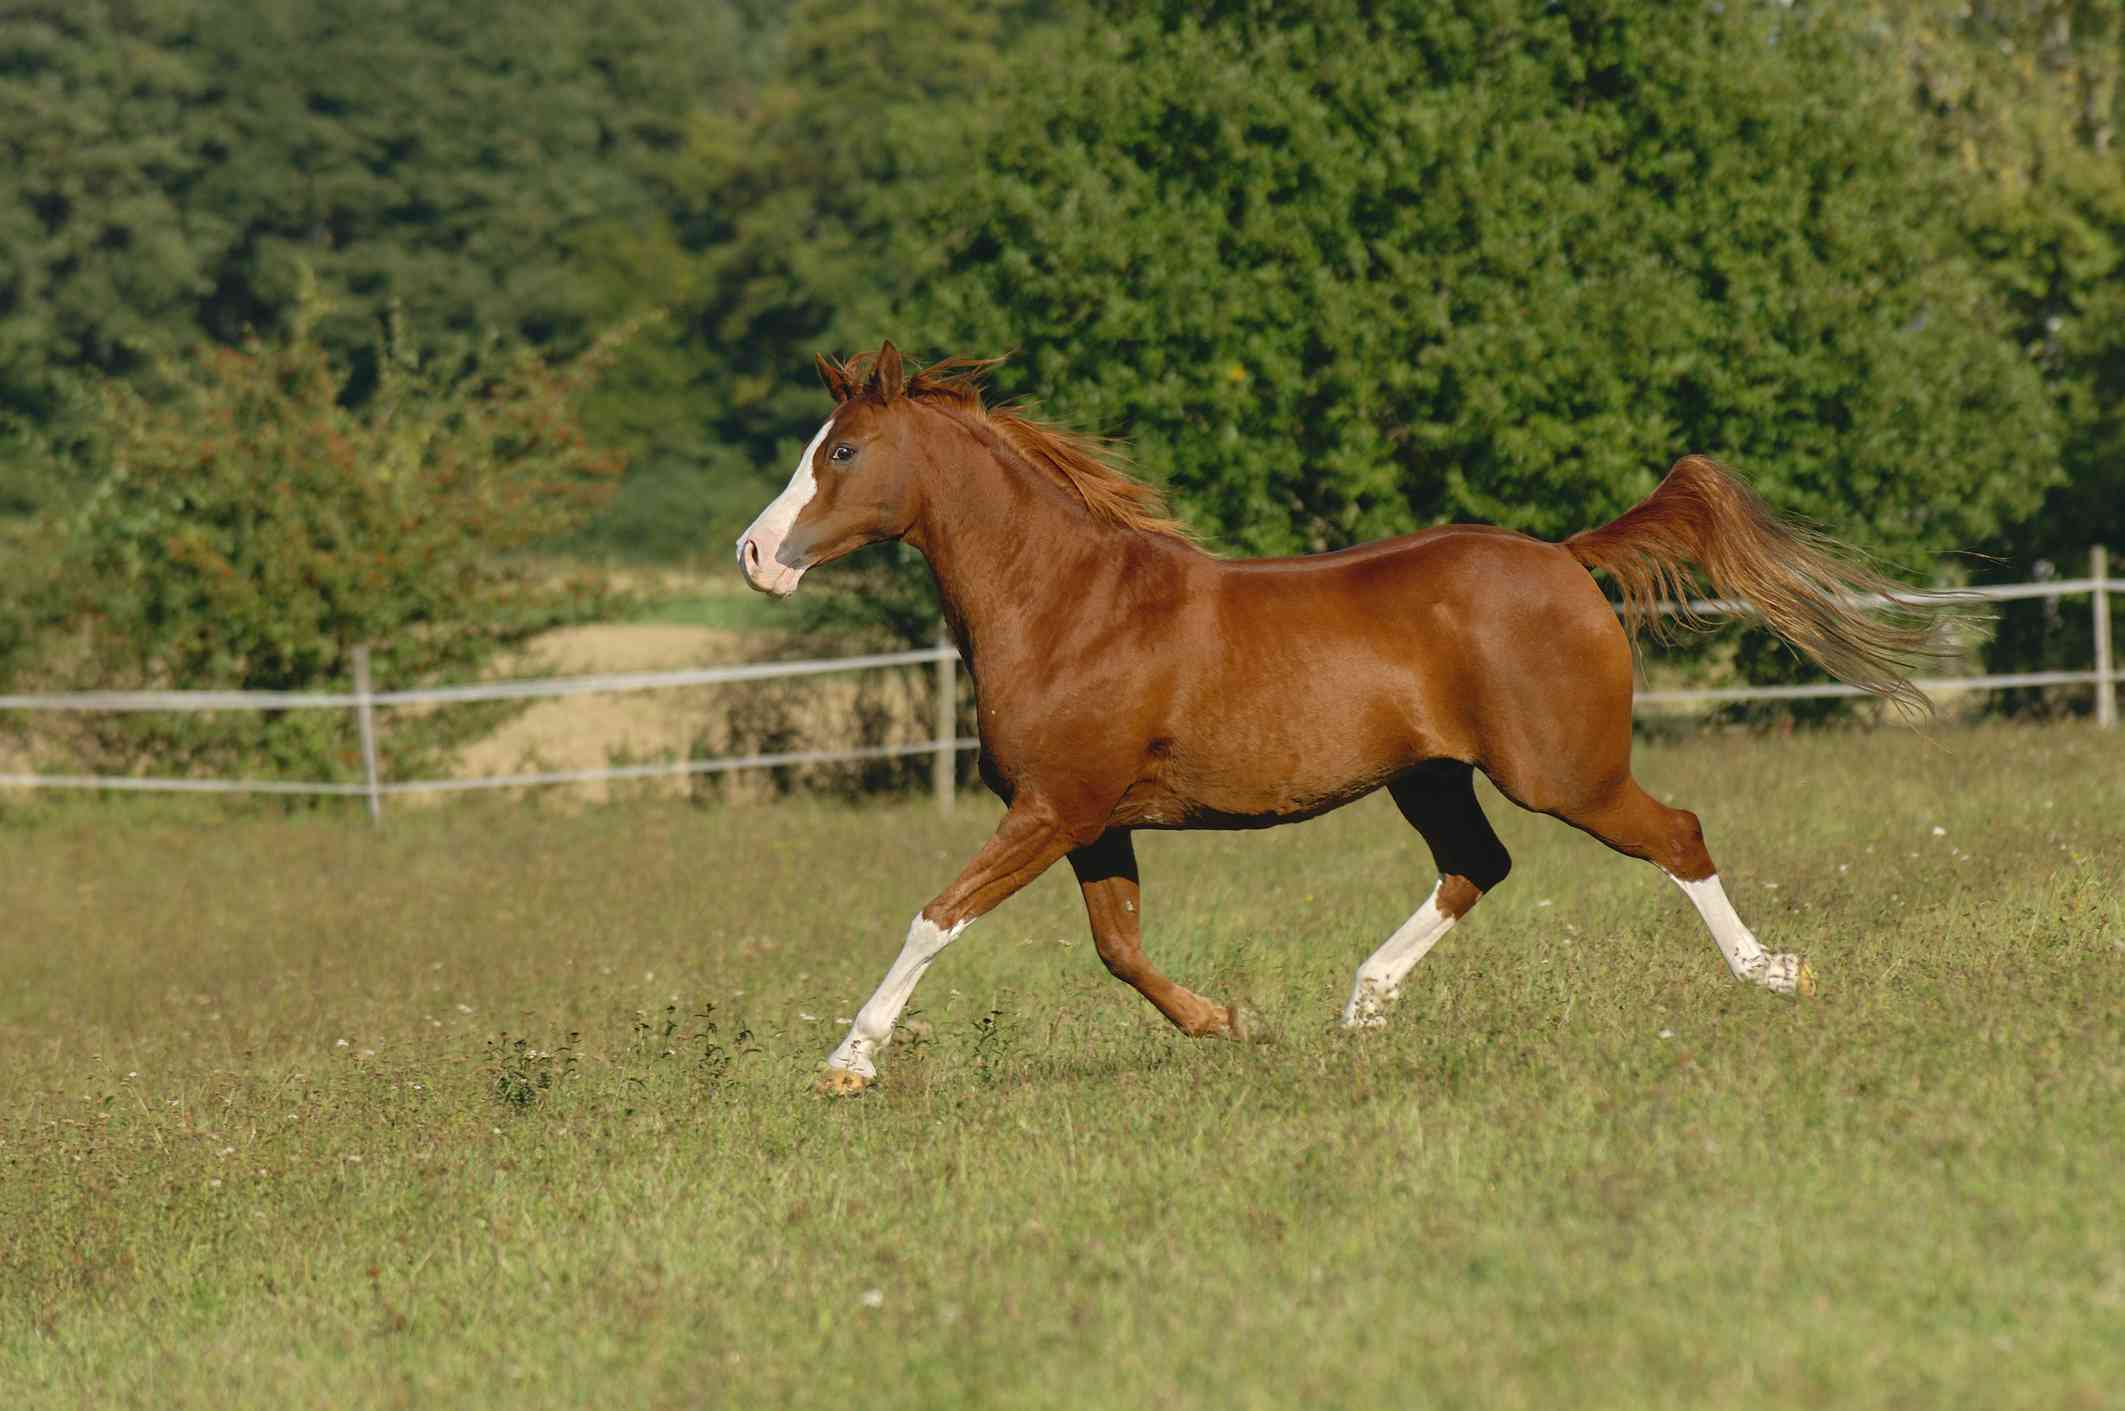 majestic tan arabian horse with white markings trots downhill in a field